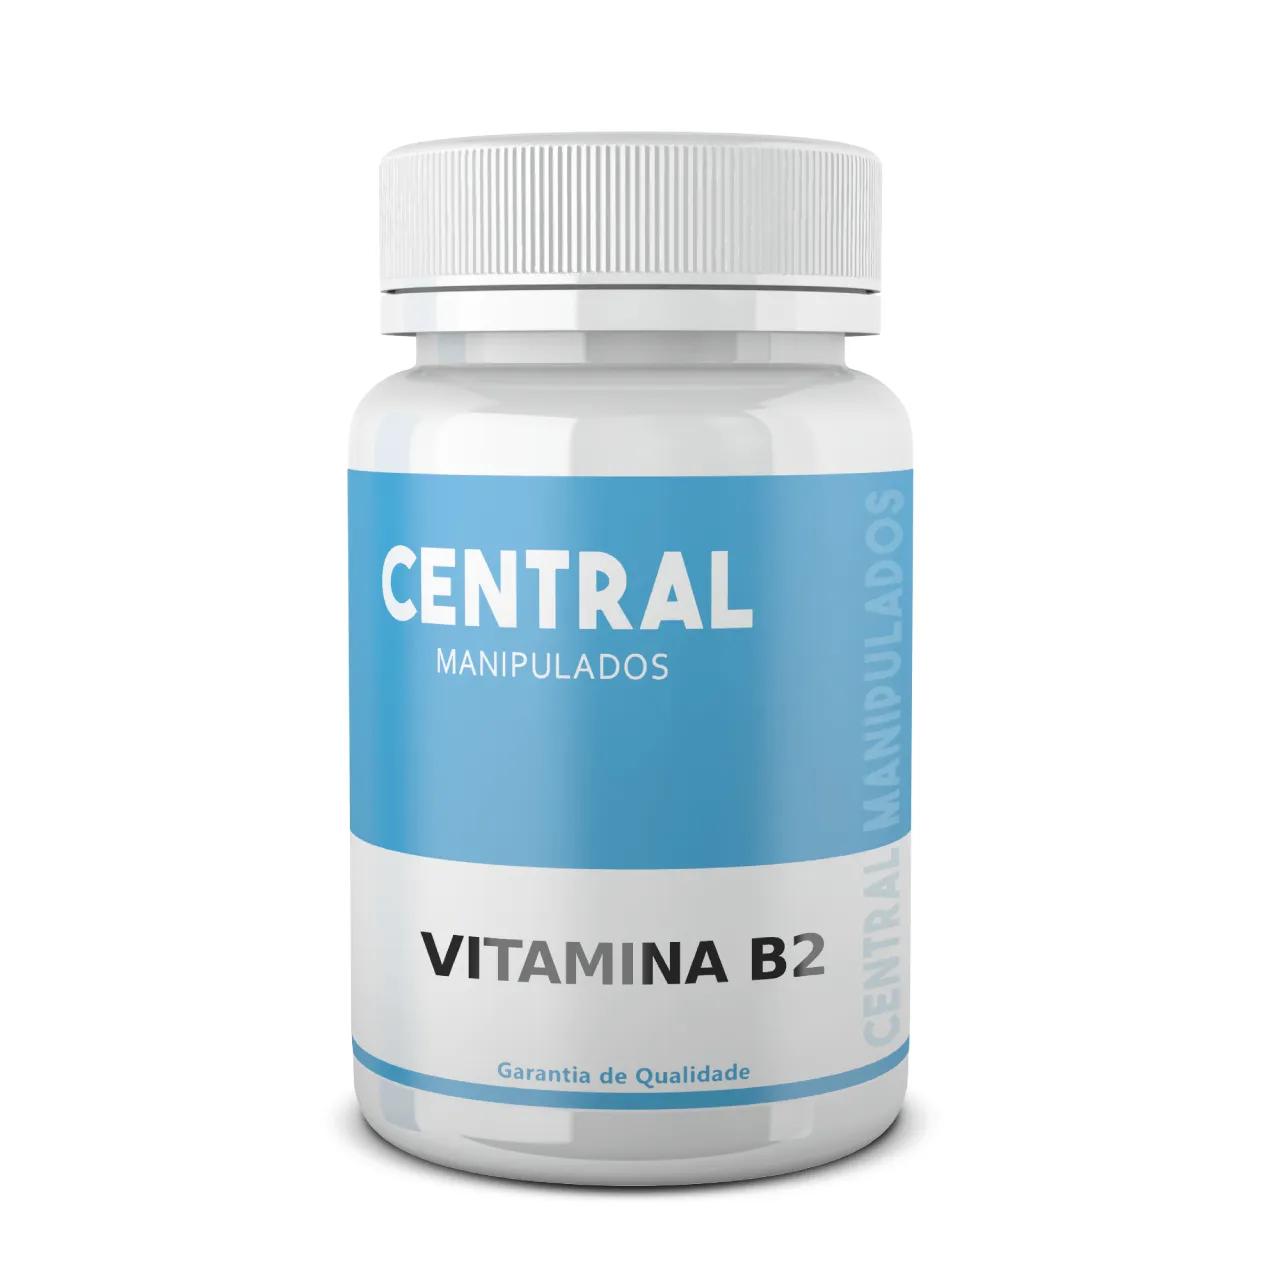 Vitamina B2 50mg - 90 cápsulas - Riboflavina